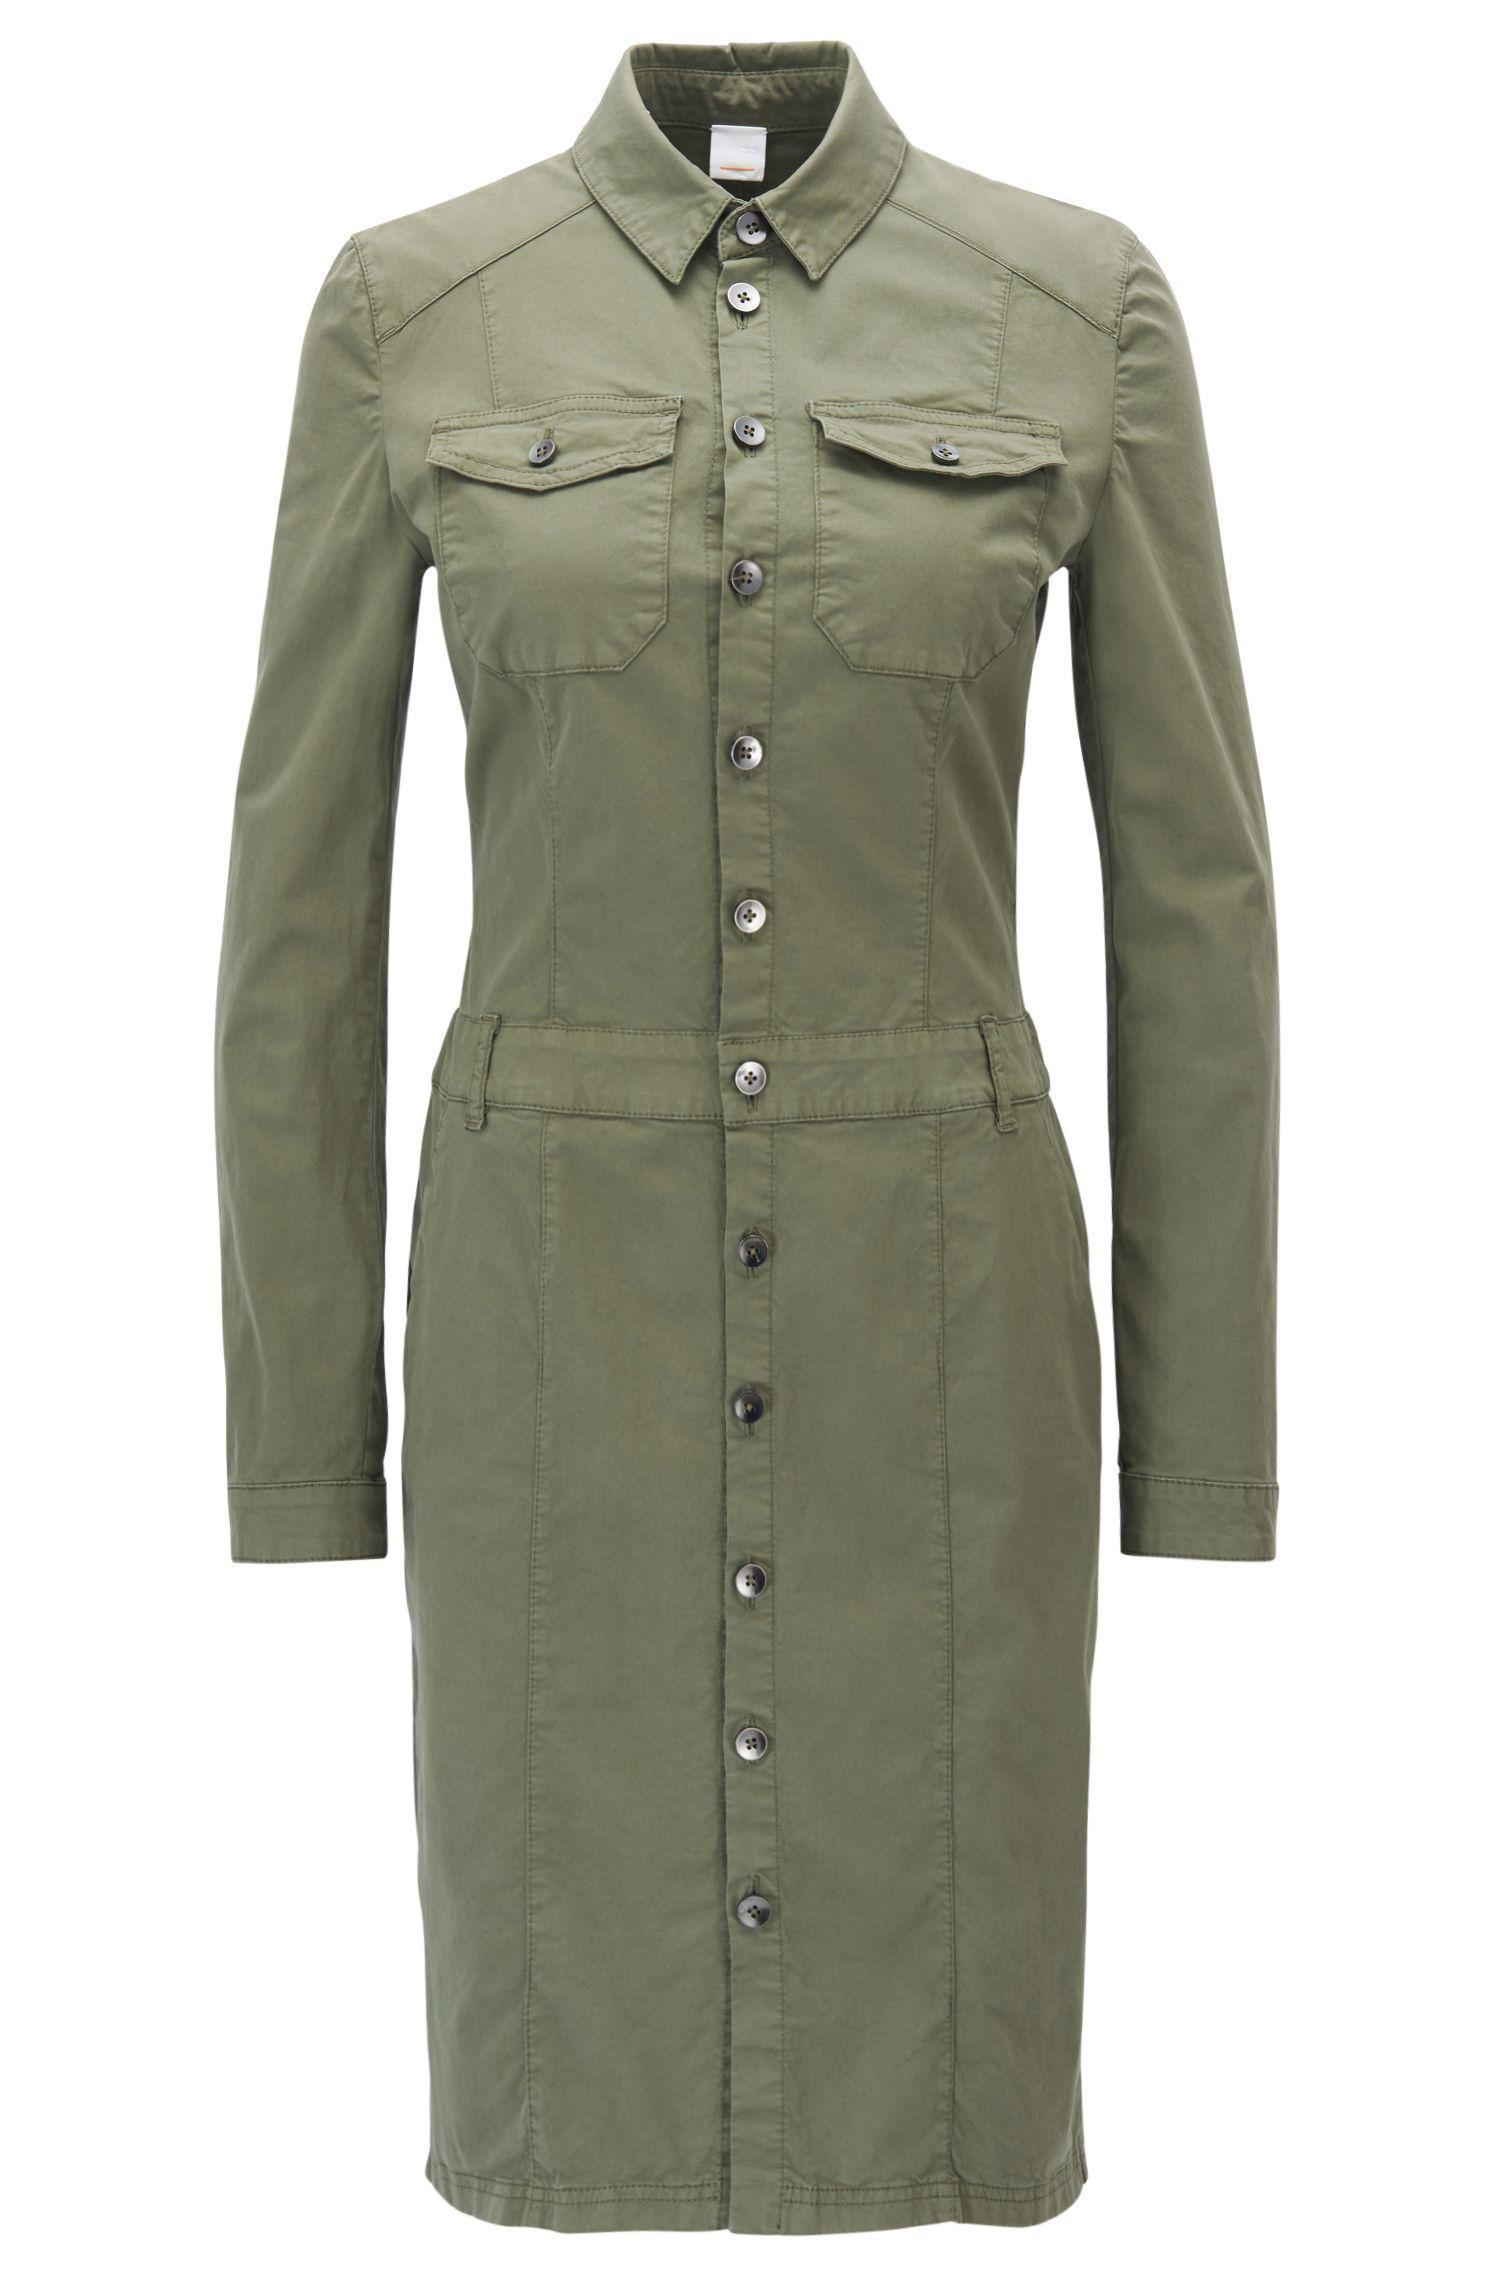 Hemdblusenkleid im Cargo-Stil aus Baumwoll-Satin